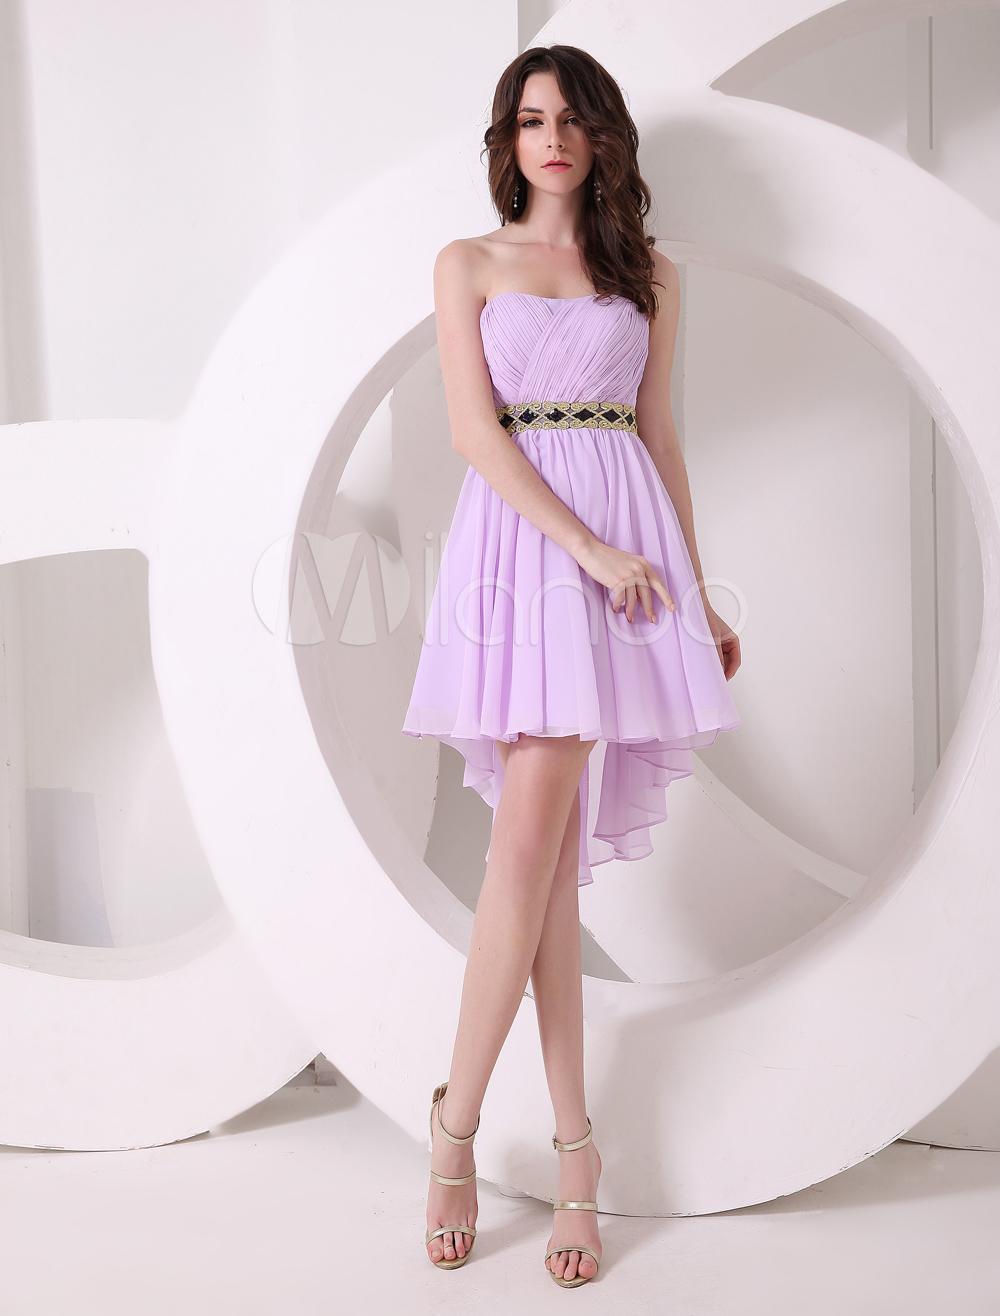 c2cc64c199 Vestido de cóctel de gasa de color lila con escote de corazón de estilo  dulce - Milanoo.com